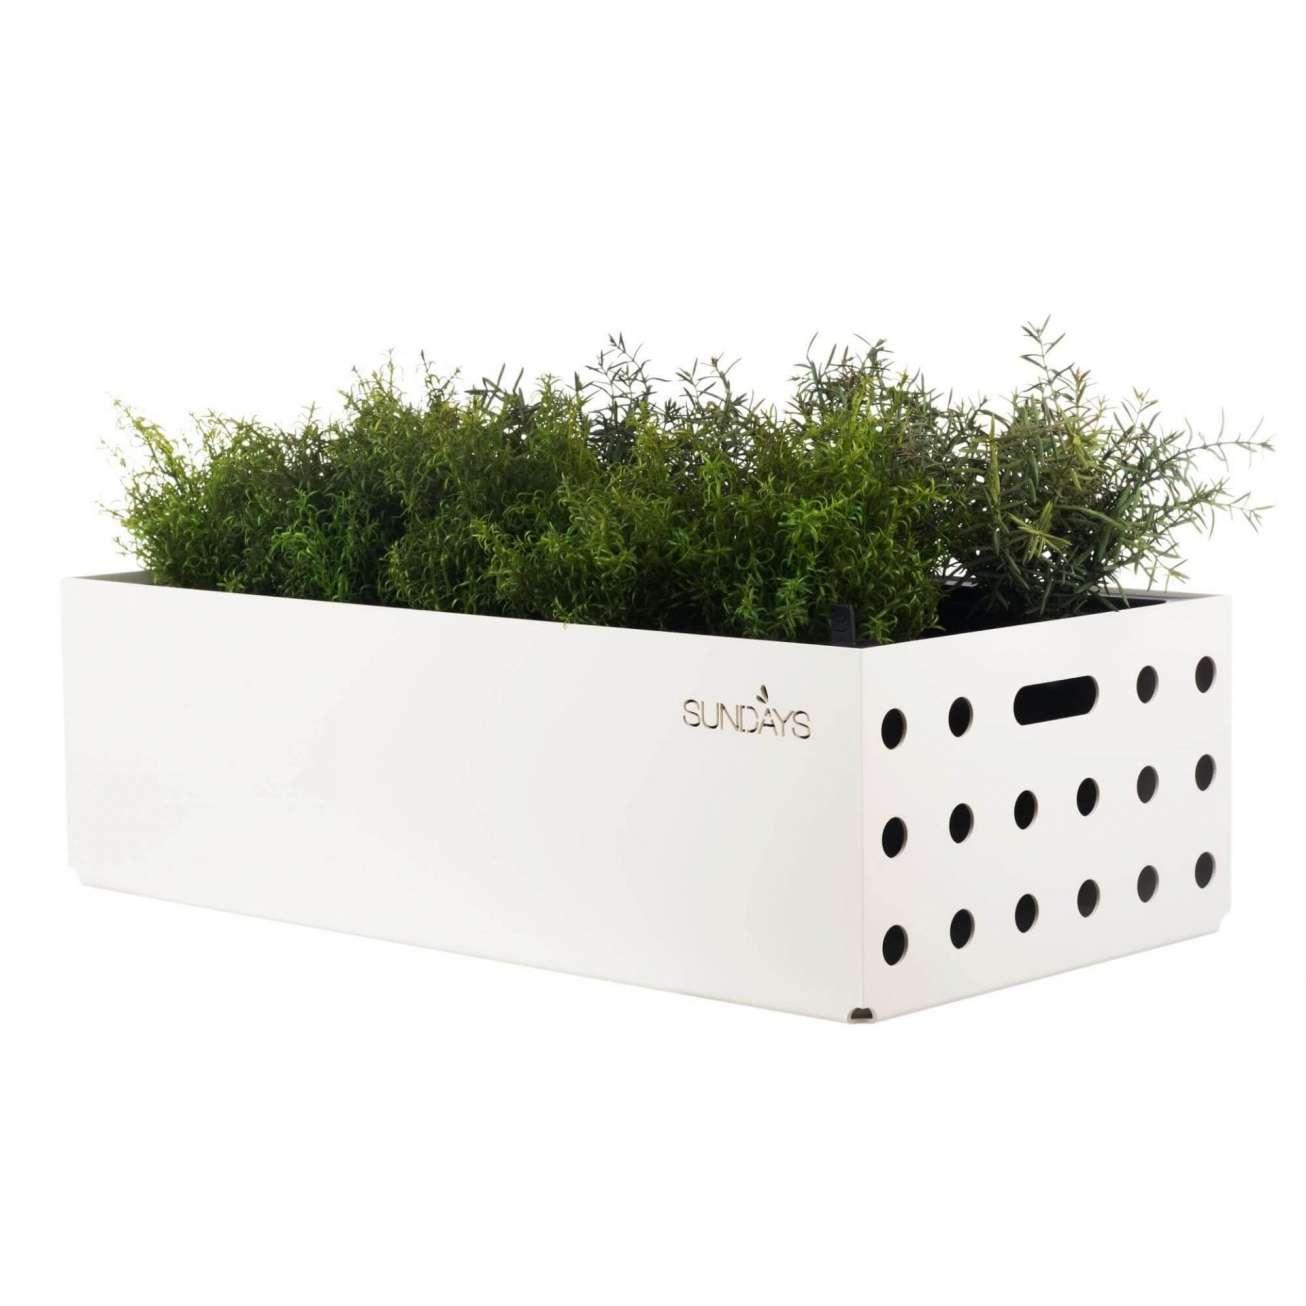 Sundays selvvannende urtepotte i hvit med grønne krydderurter